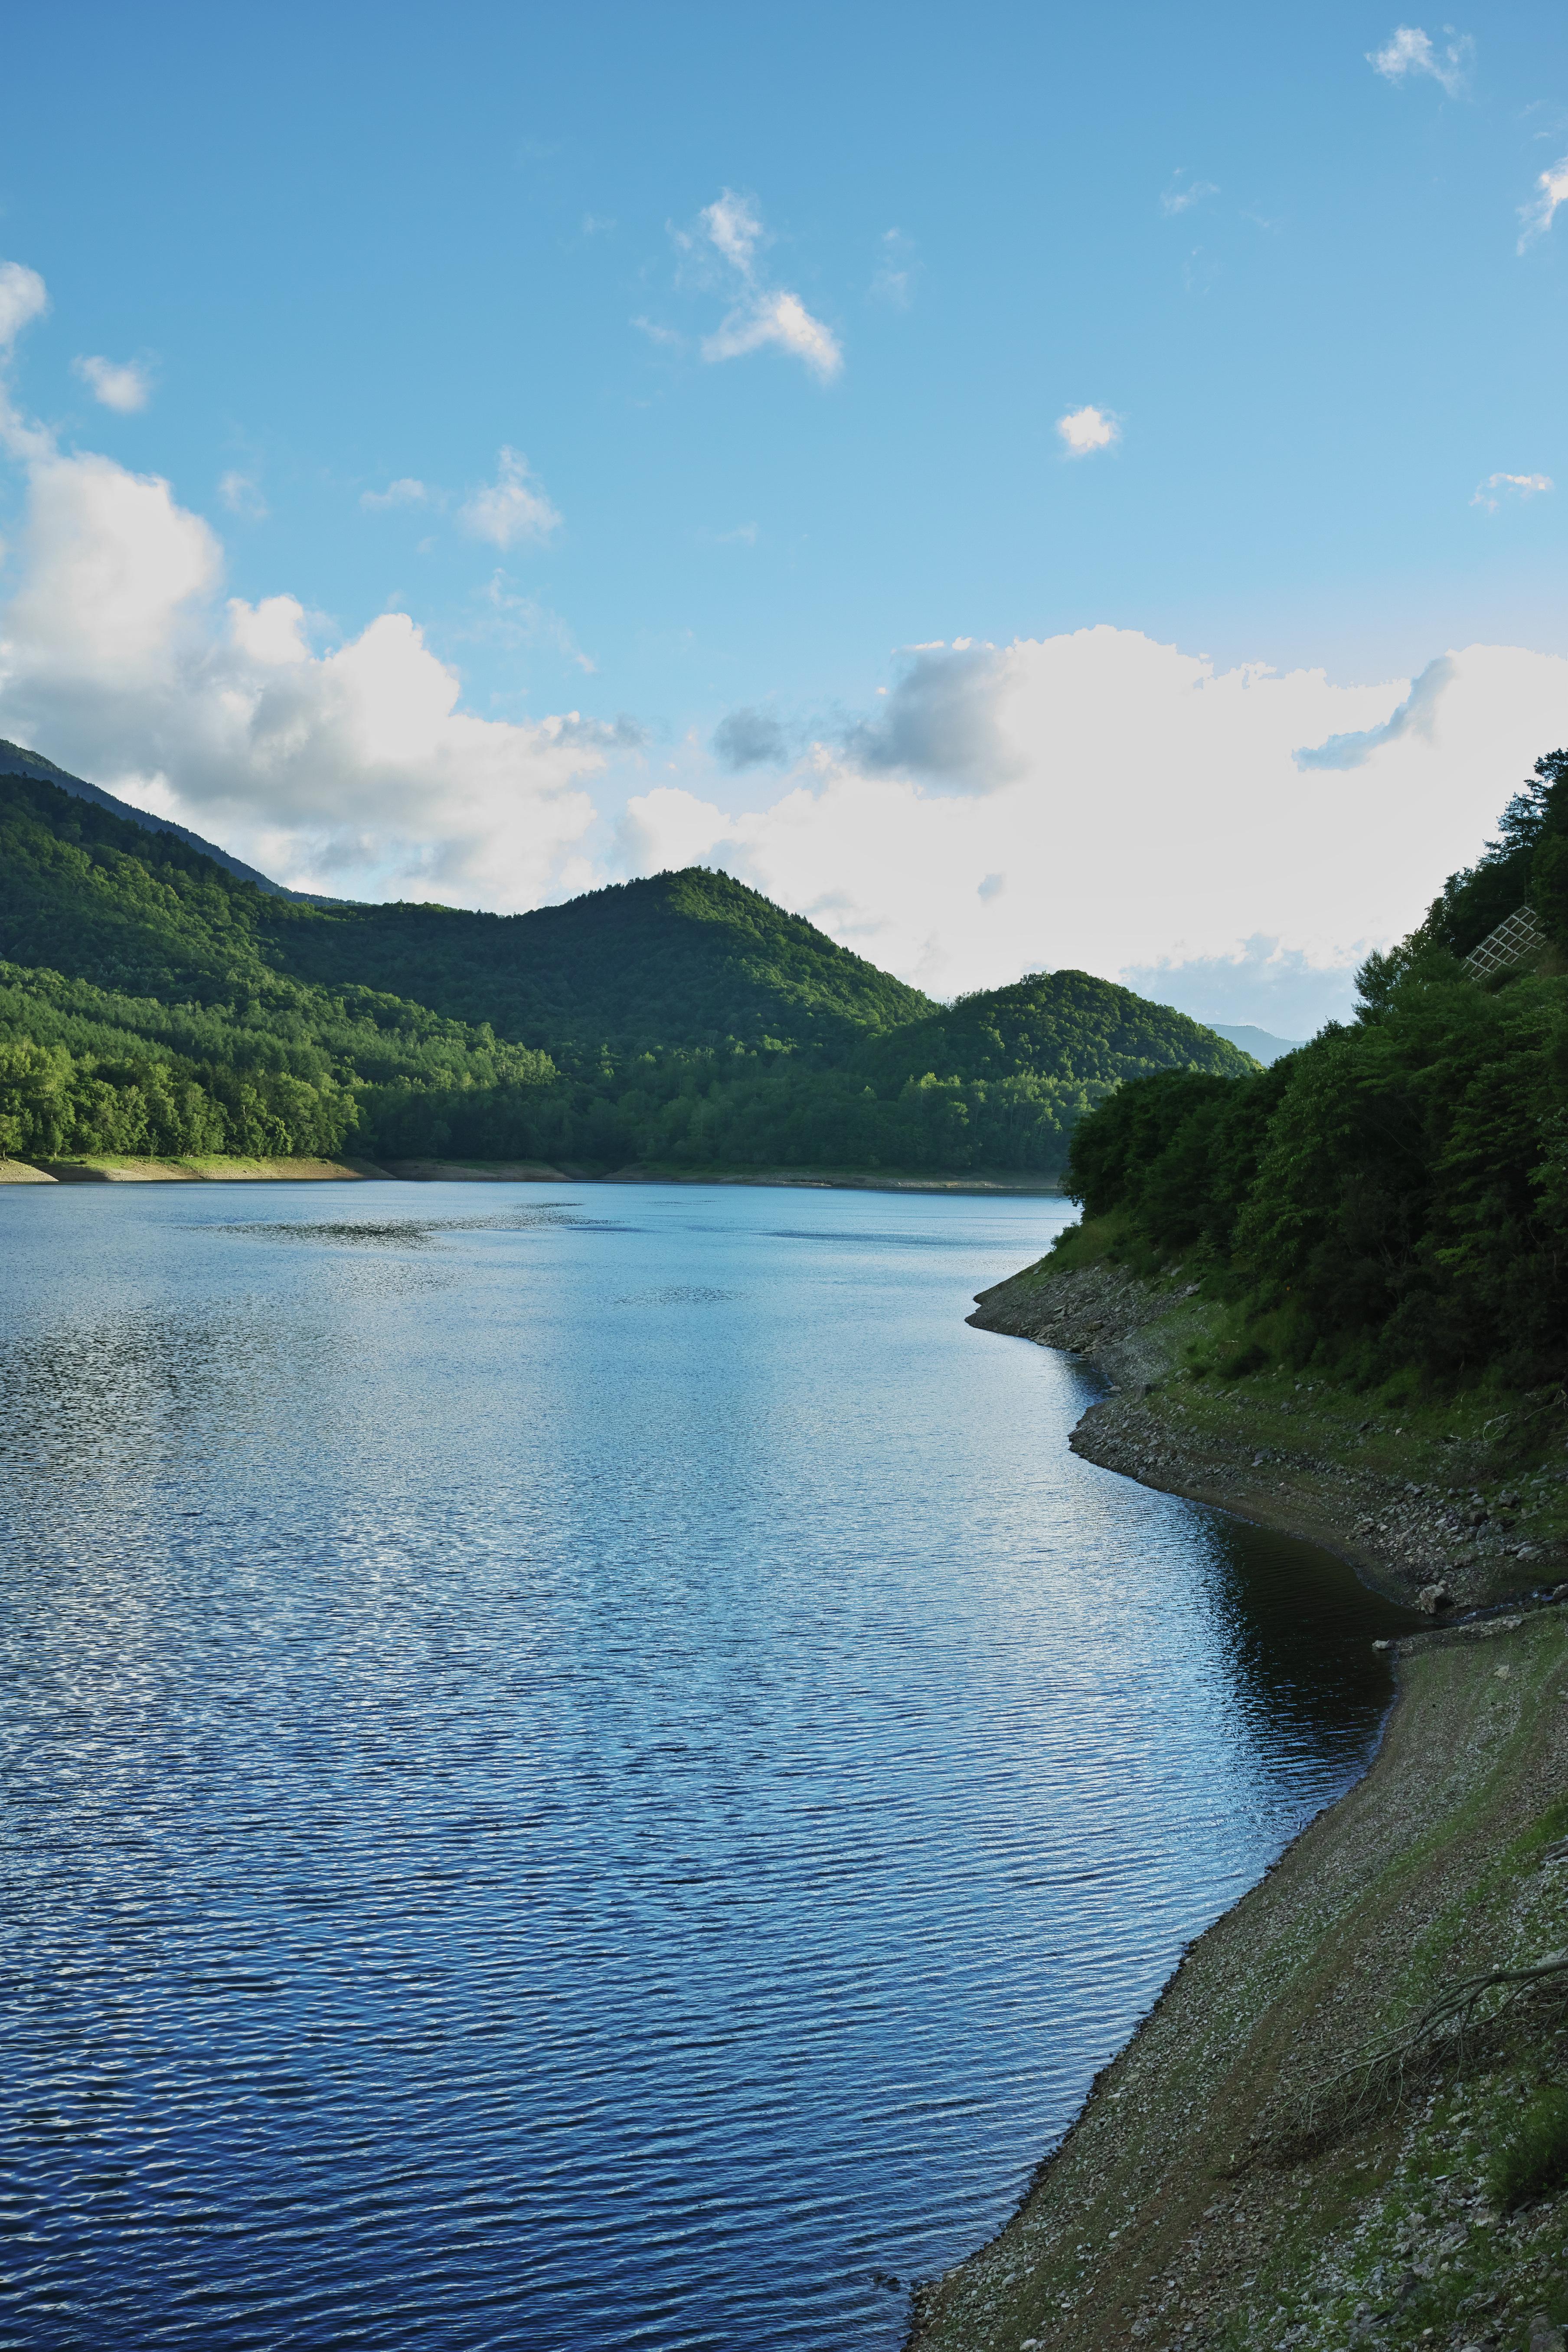 広がる湖と夕陽に照らされる山。F8まで絞り込み画面全体を均一な描写とした。木々の細やかな部分までしっかりと描写されている。ISO100 / F8 / 1/60秒